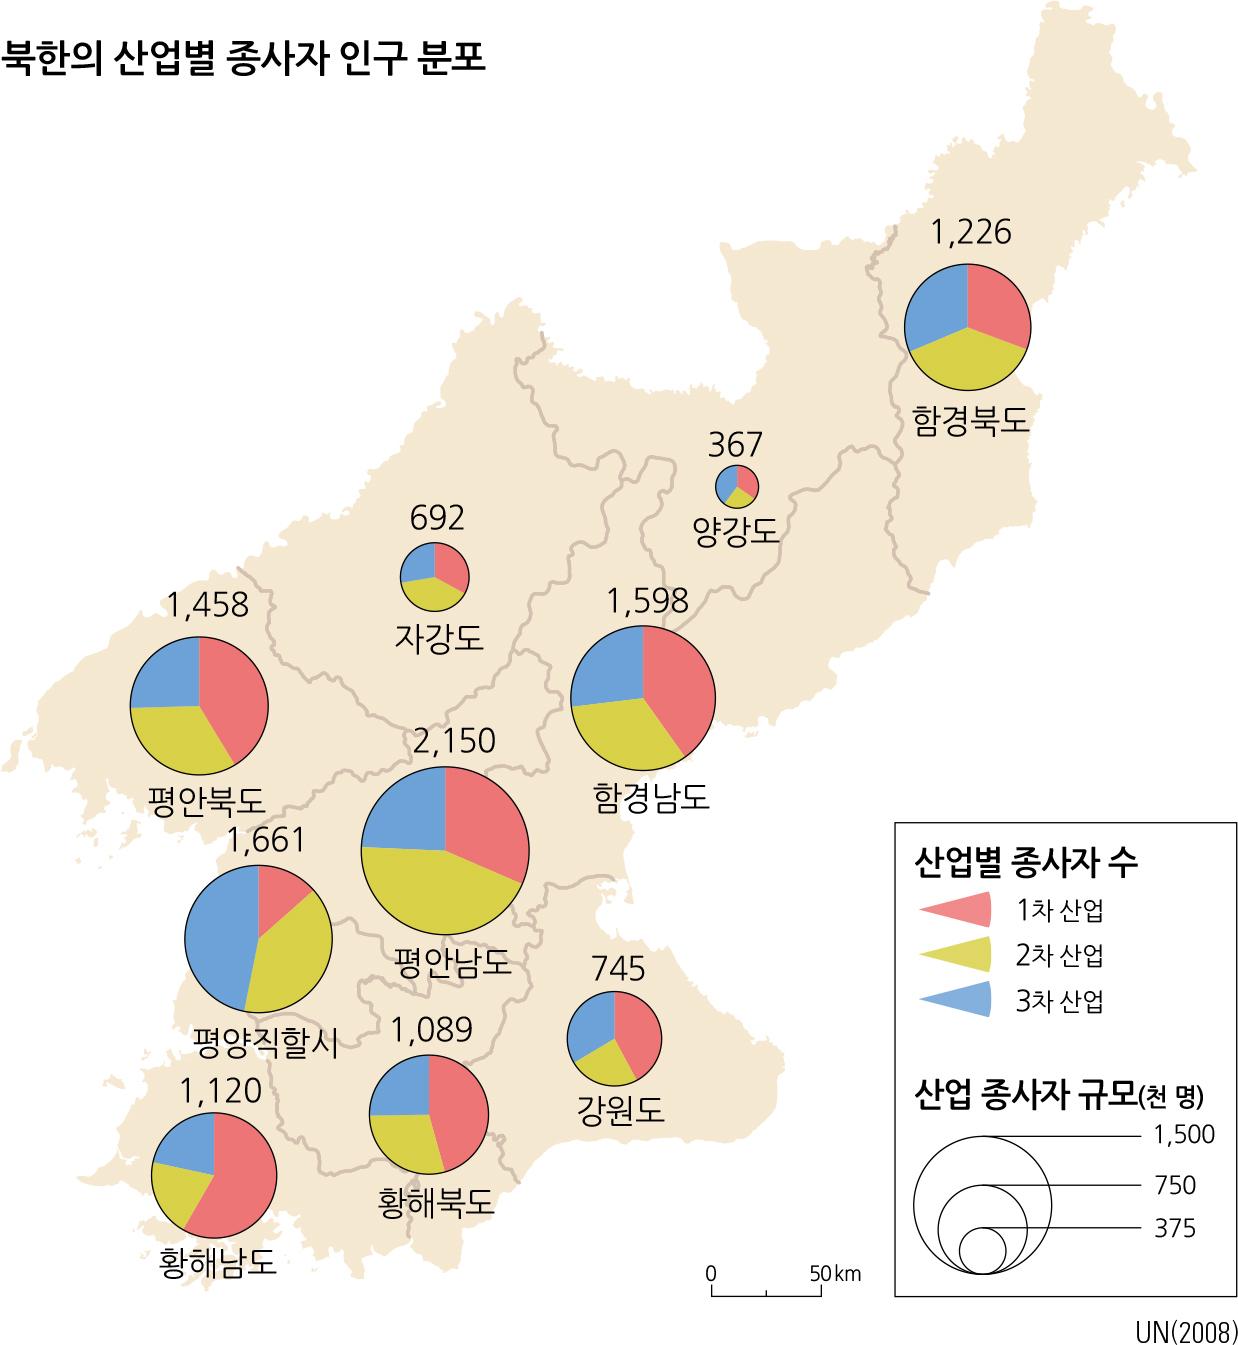 북한의 산업별 종사자 인구 분포